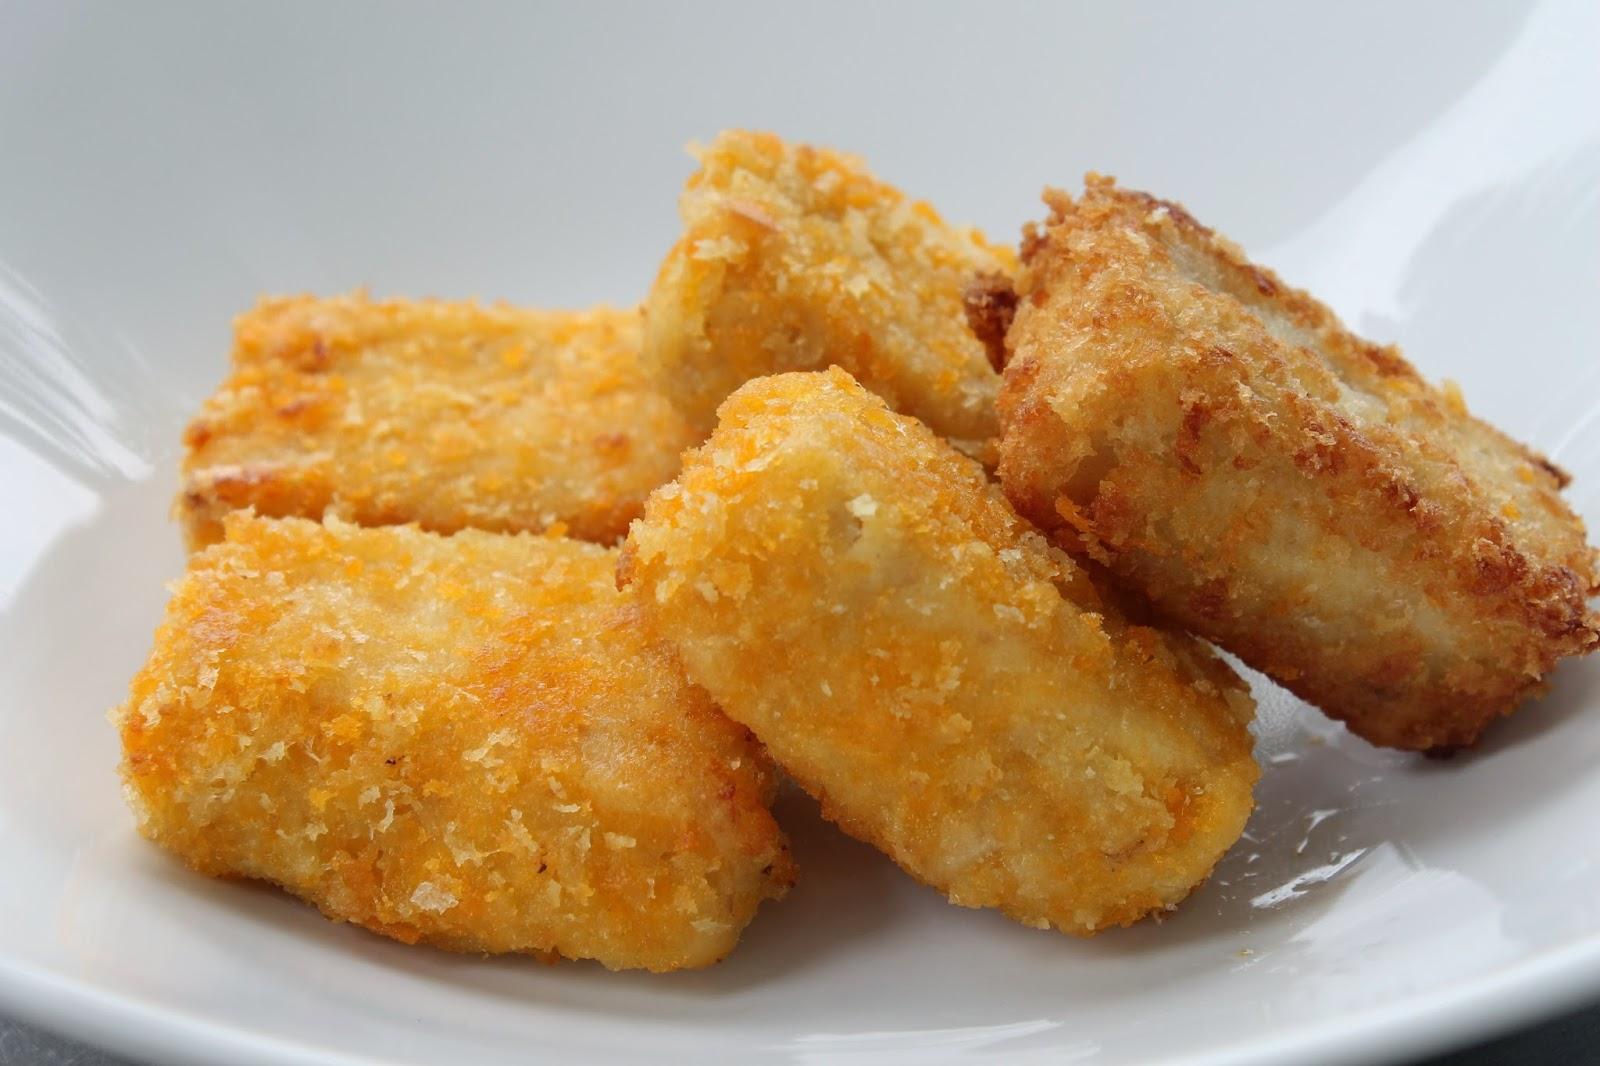 Resep Cara Membuat Nugget Ayam Enak Sehat